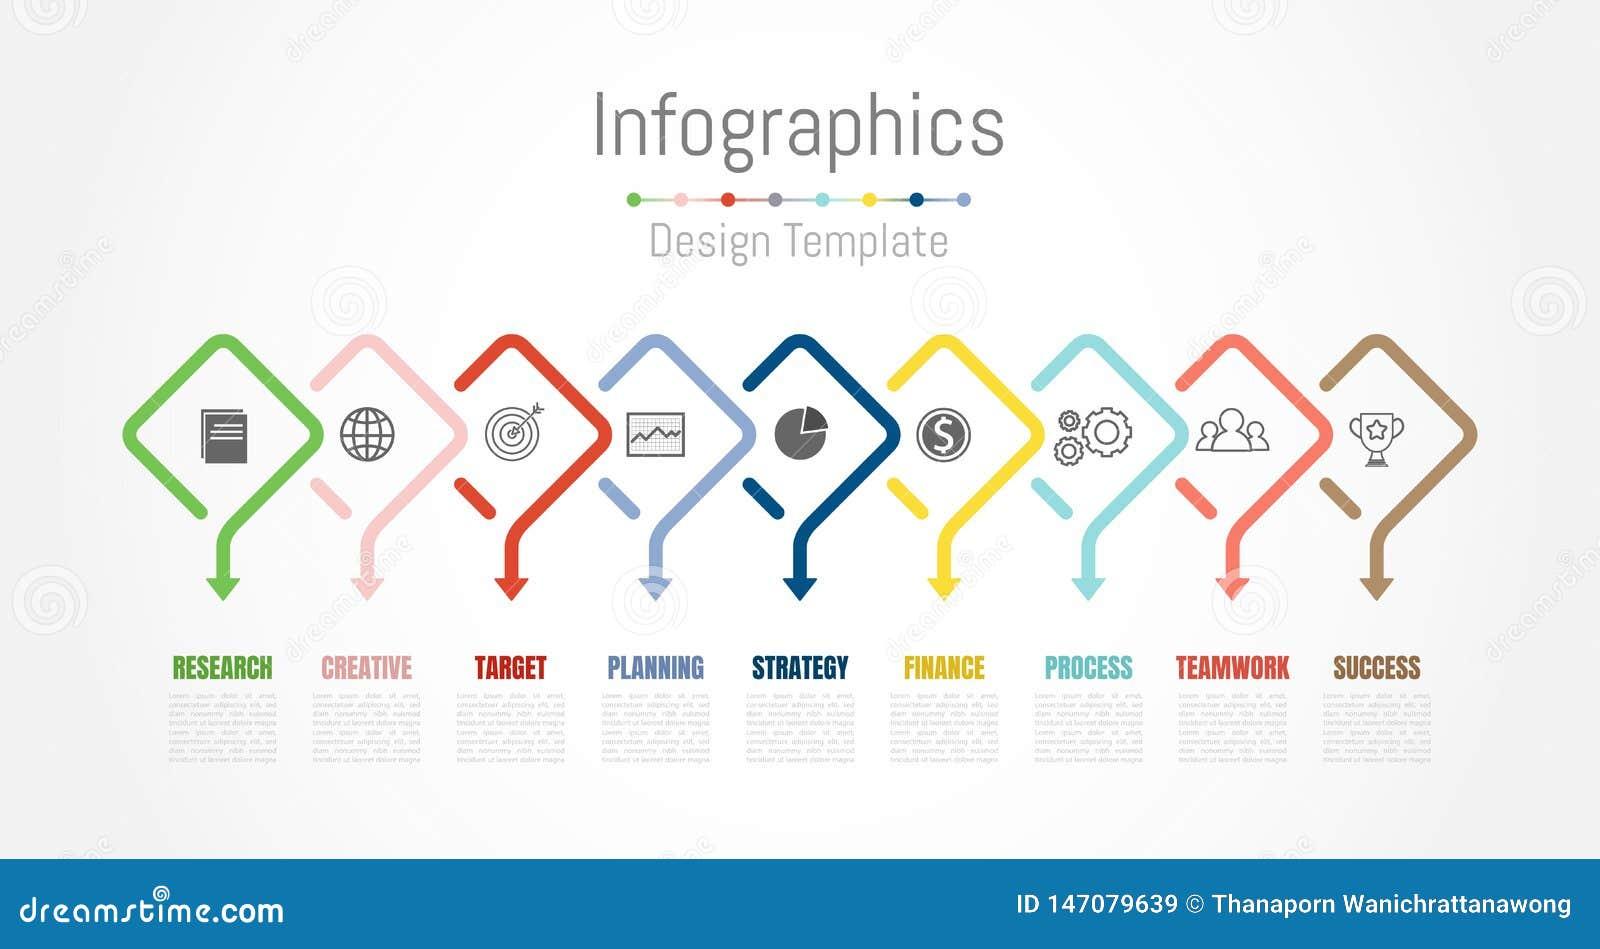 Infographic-Gestaltungselemente f?r Ihre kommerziellen Daten mit 9 Wahlen, Teilen, Schritten, Zeitachsen oder Prozessen Vektor